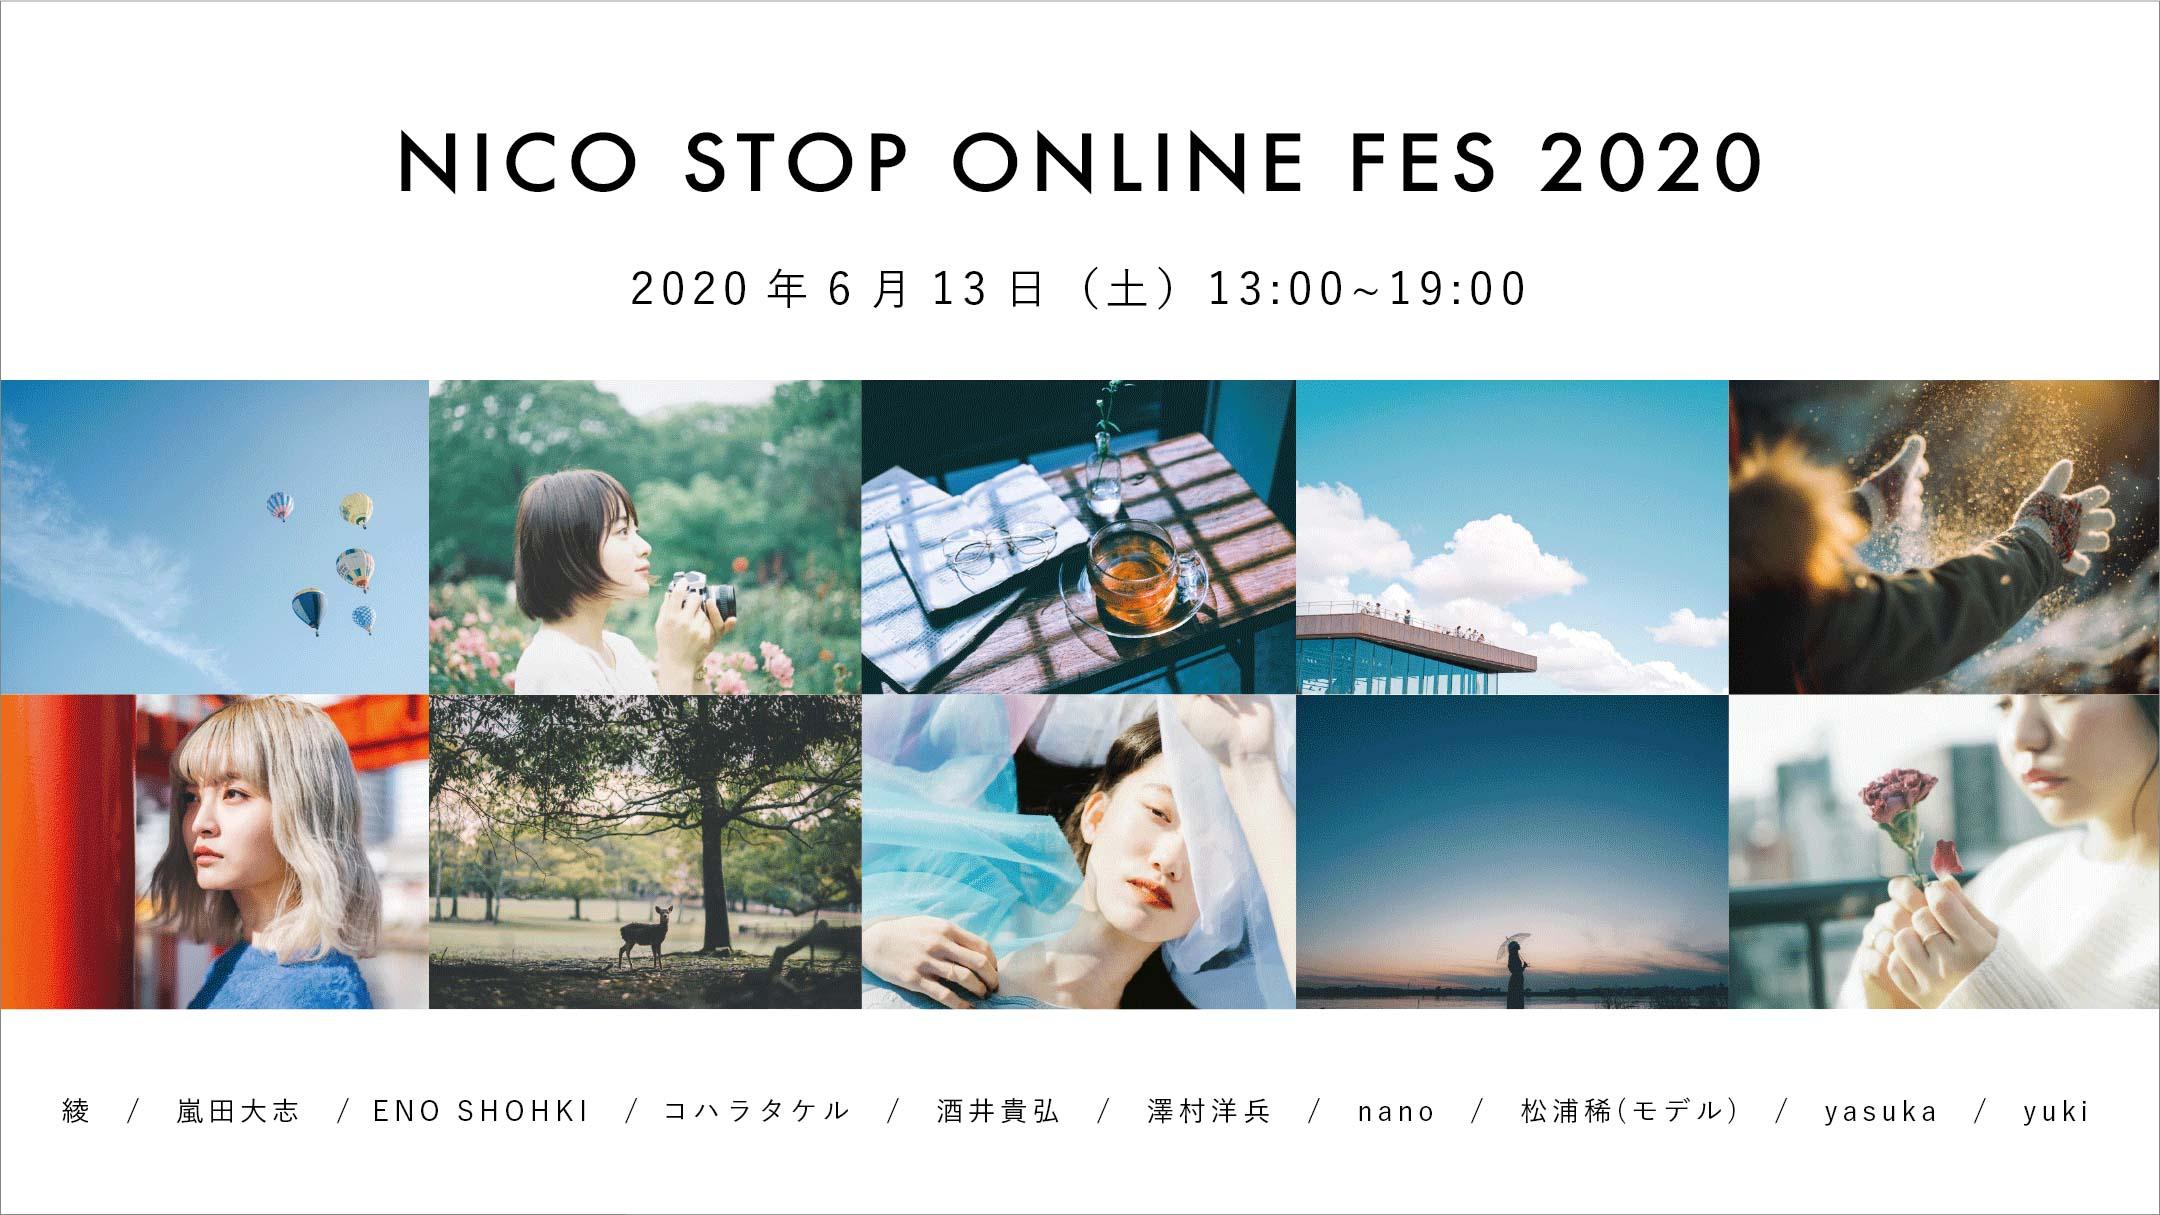 f:id:nicostop:20200526145056j:plain